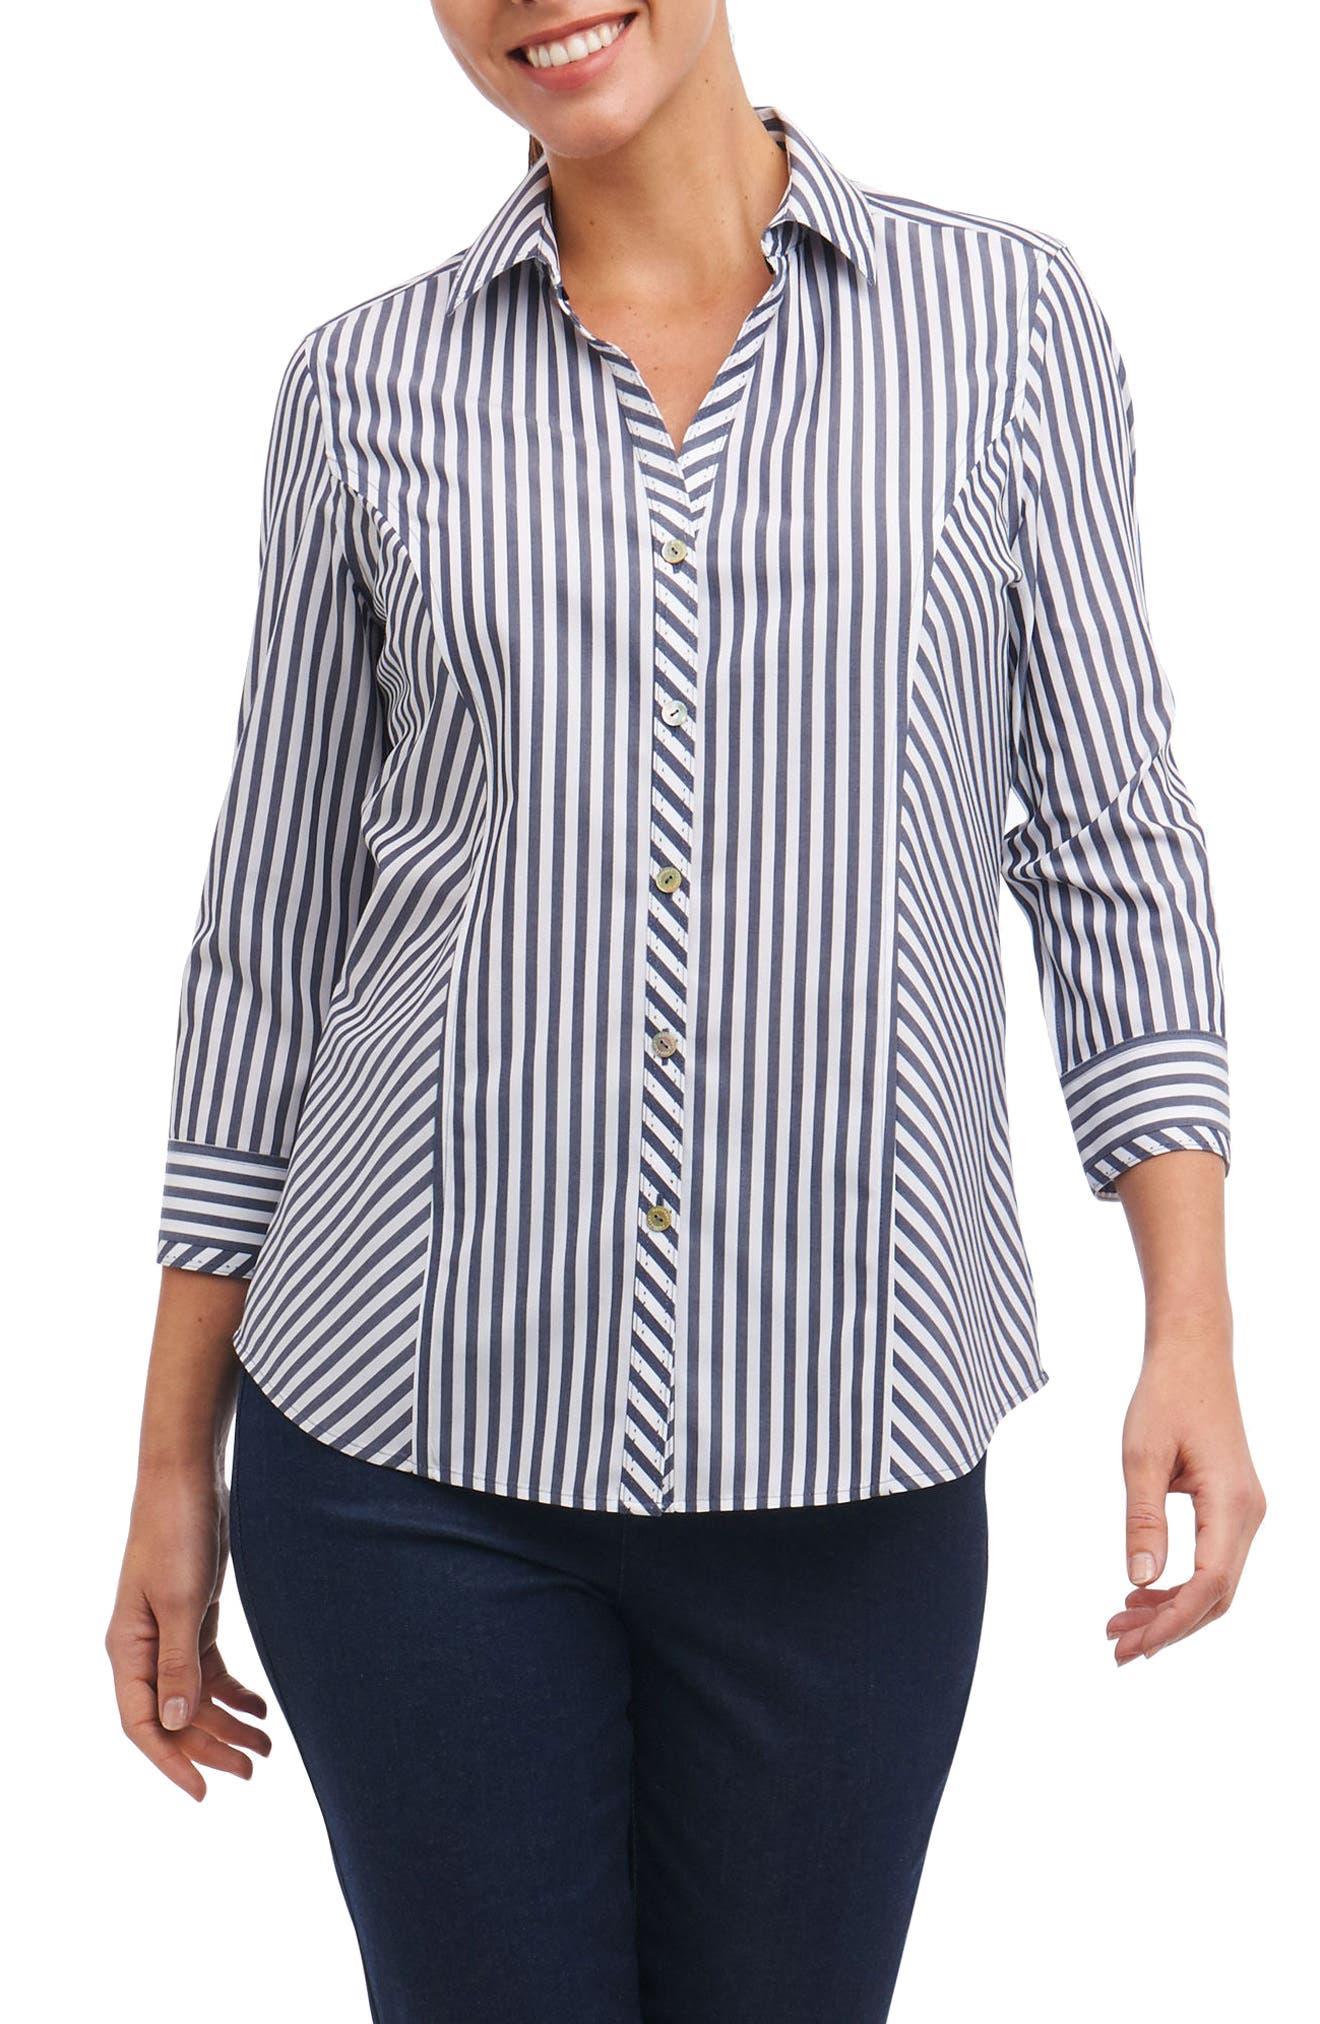 Hope Preppy Stripe Cotton Shirt,                             Main thumbnail 1, color,                             415